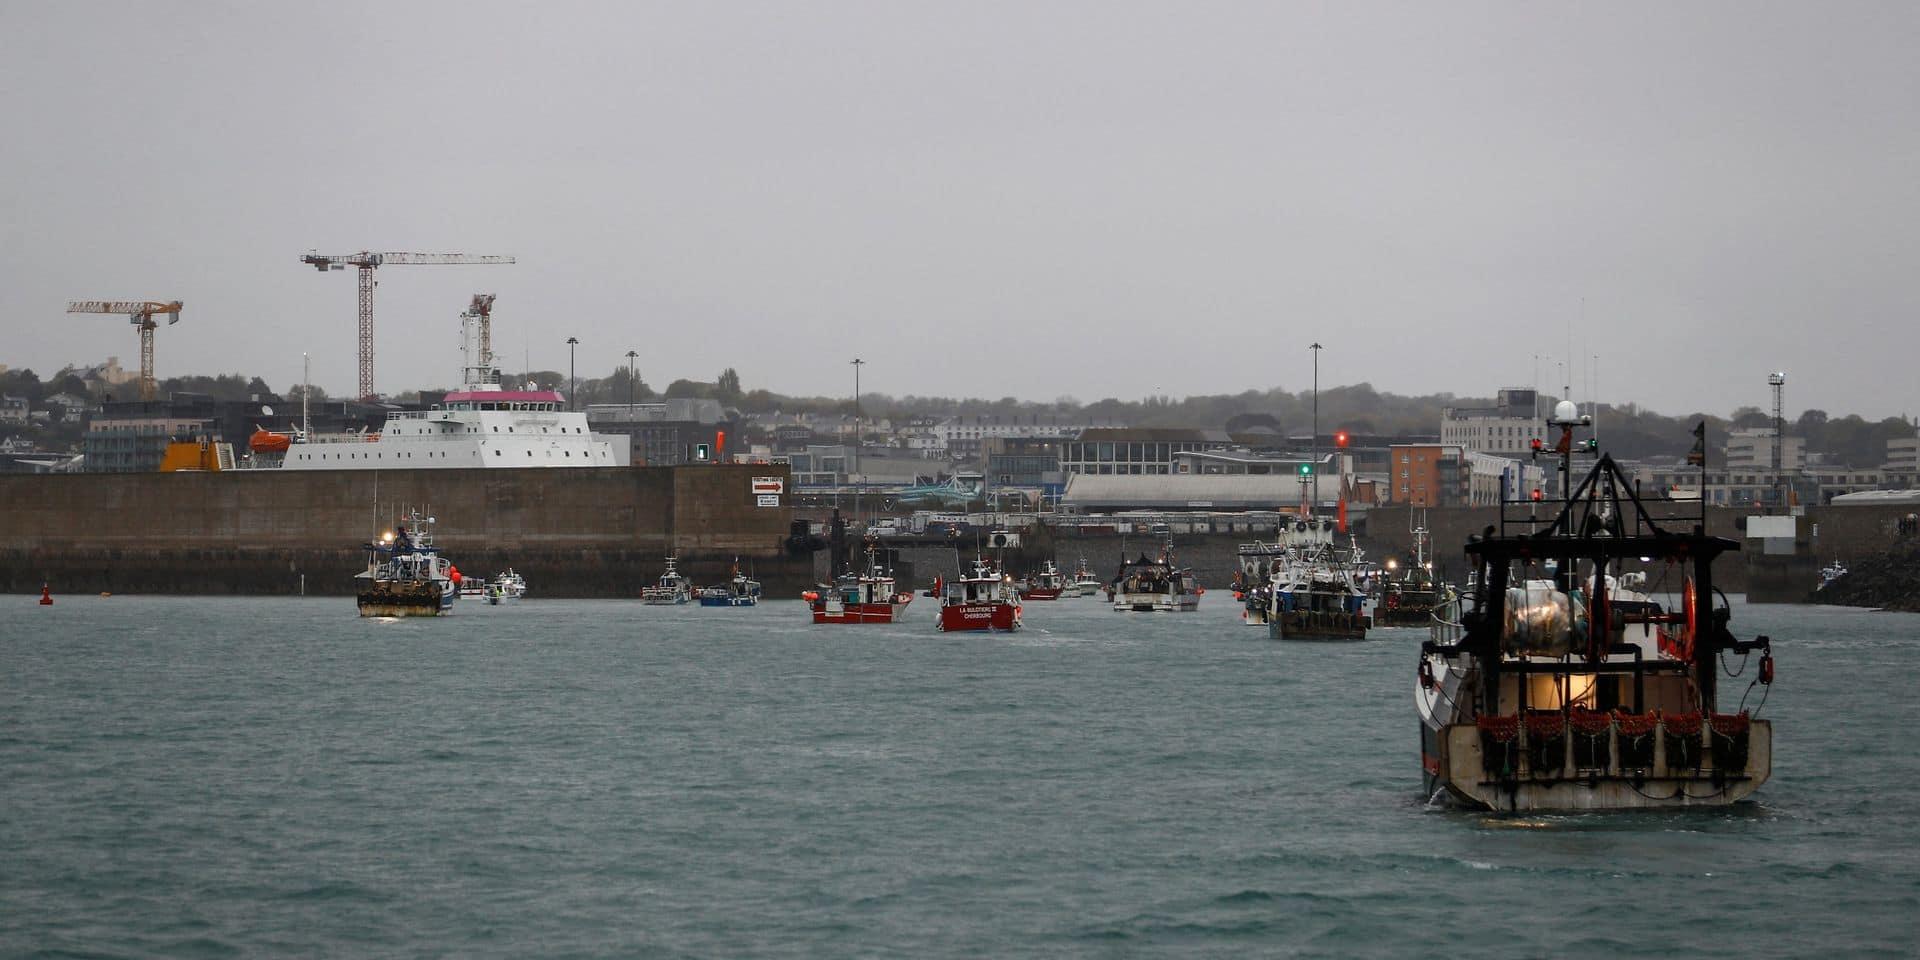 Pêche post-Brexit: les pêcheurs français quittent les eaux de Jersey